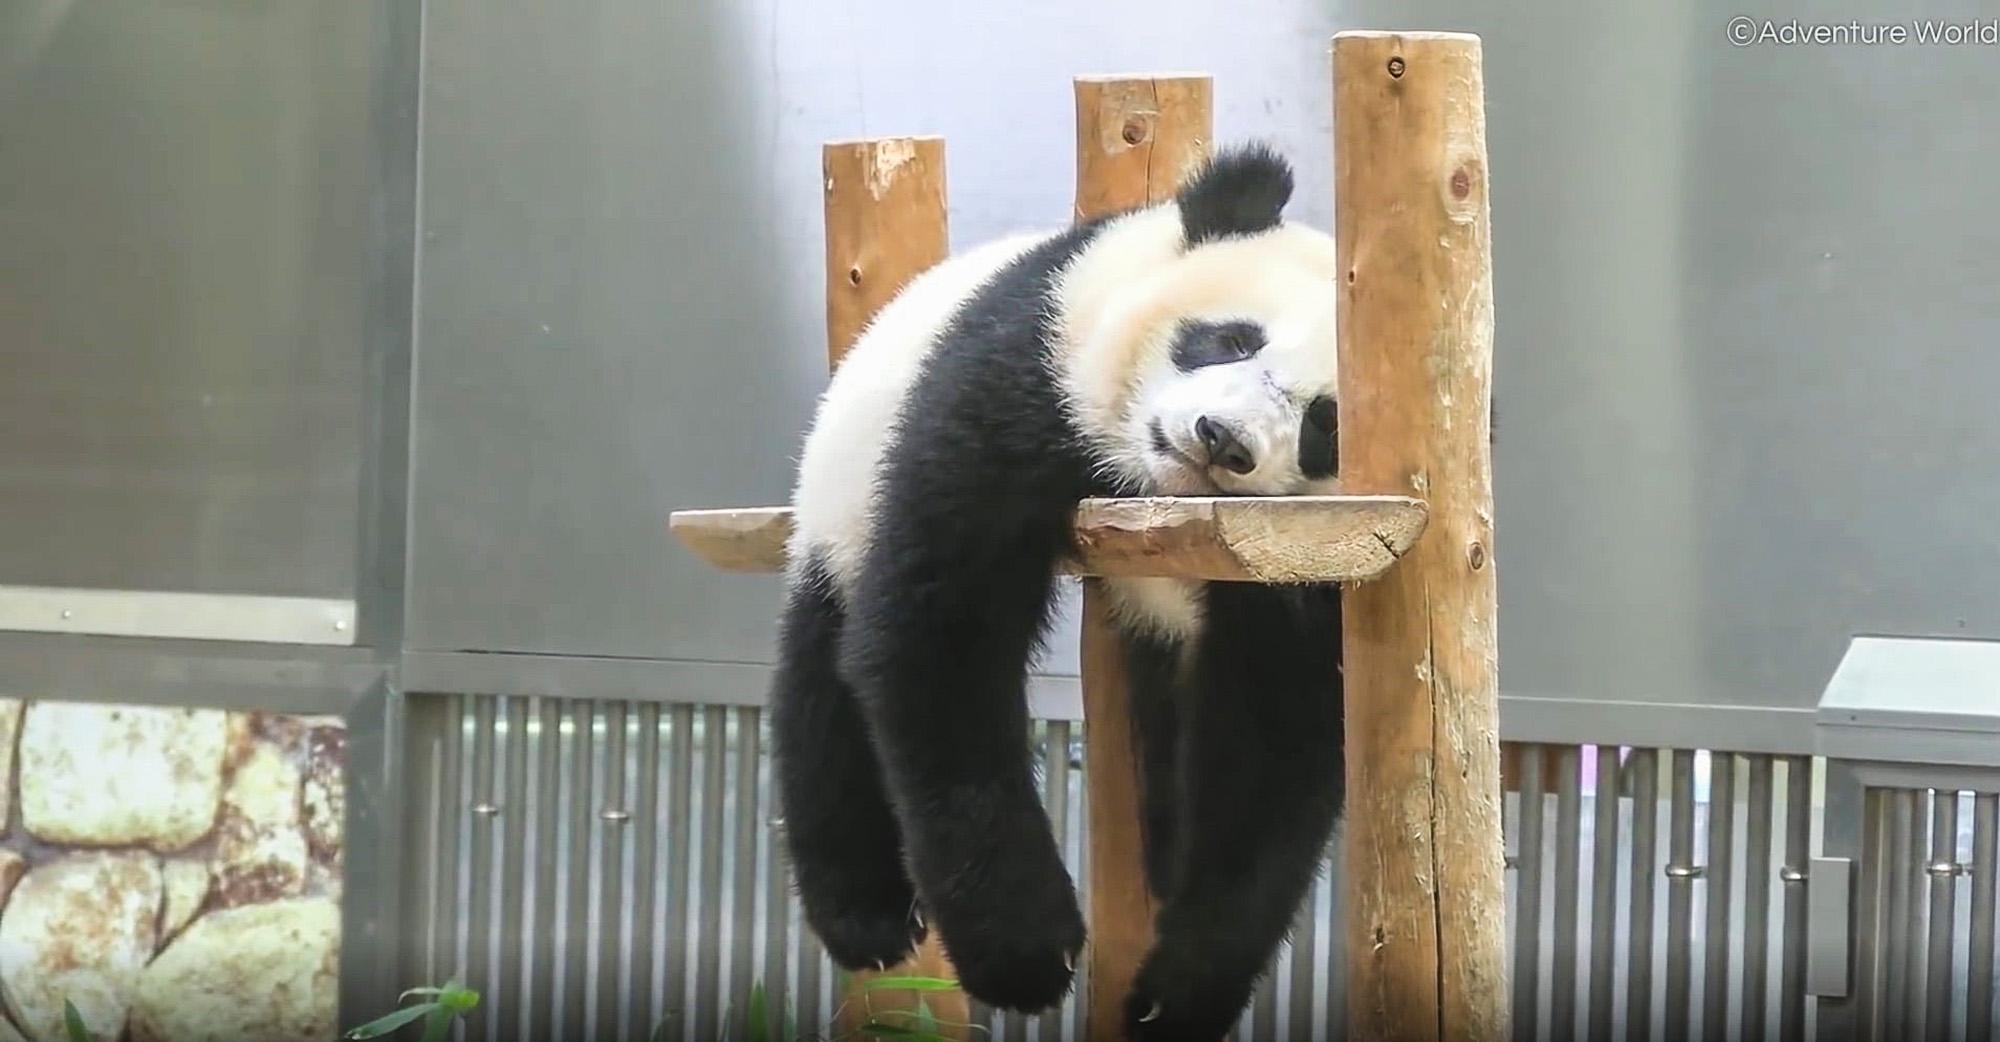 VIDEO: Pour Thing: Exhausted Panda Cub Sleeps Through Rainstorm